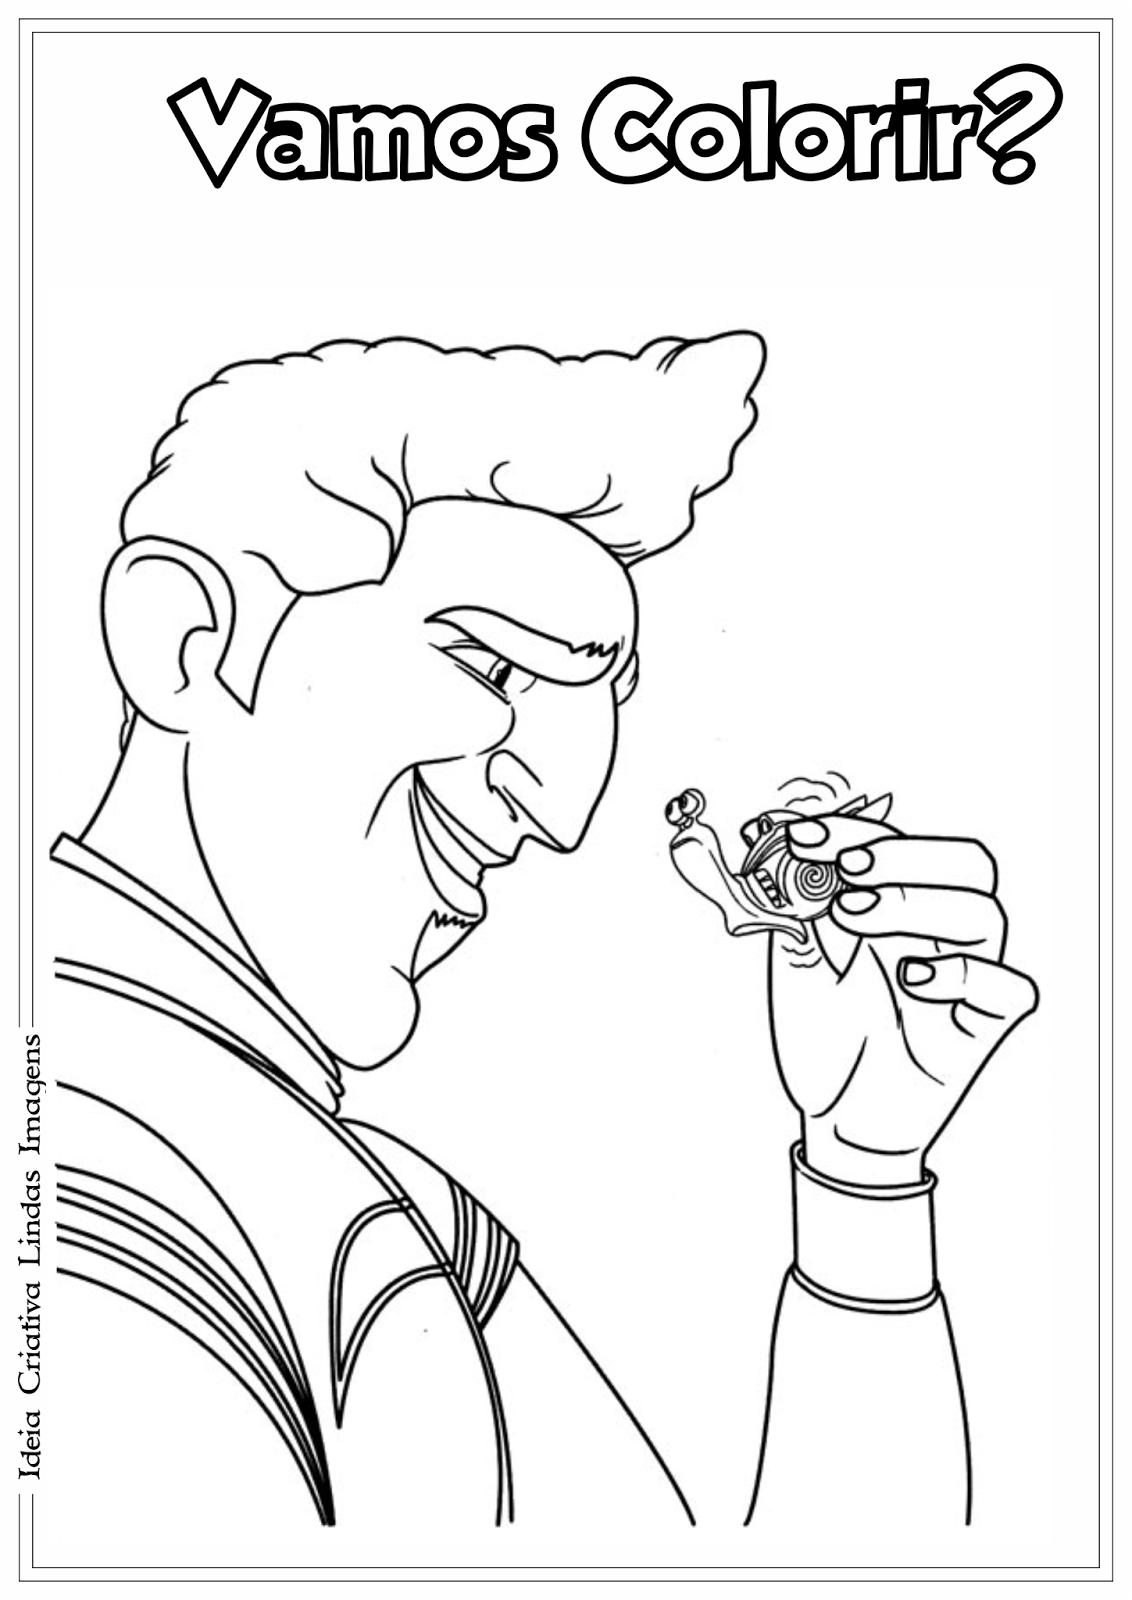 Guy Gagne - Filme Turbo desenho para colorir